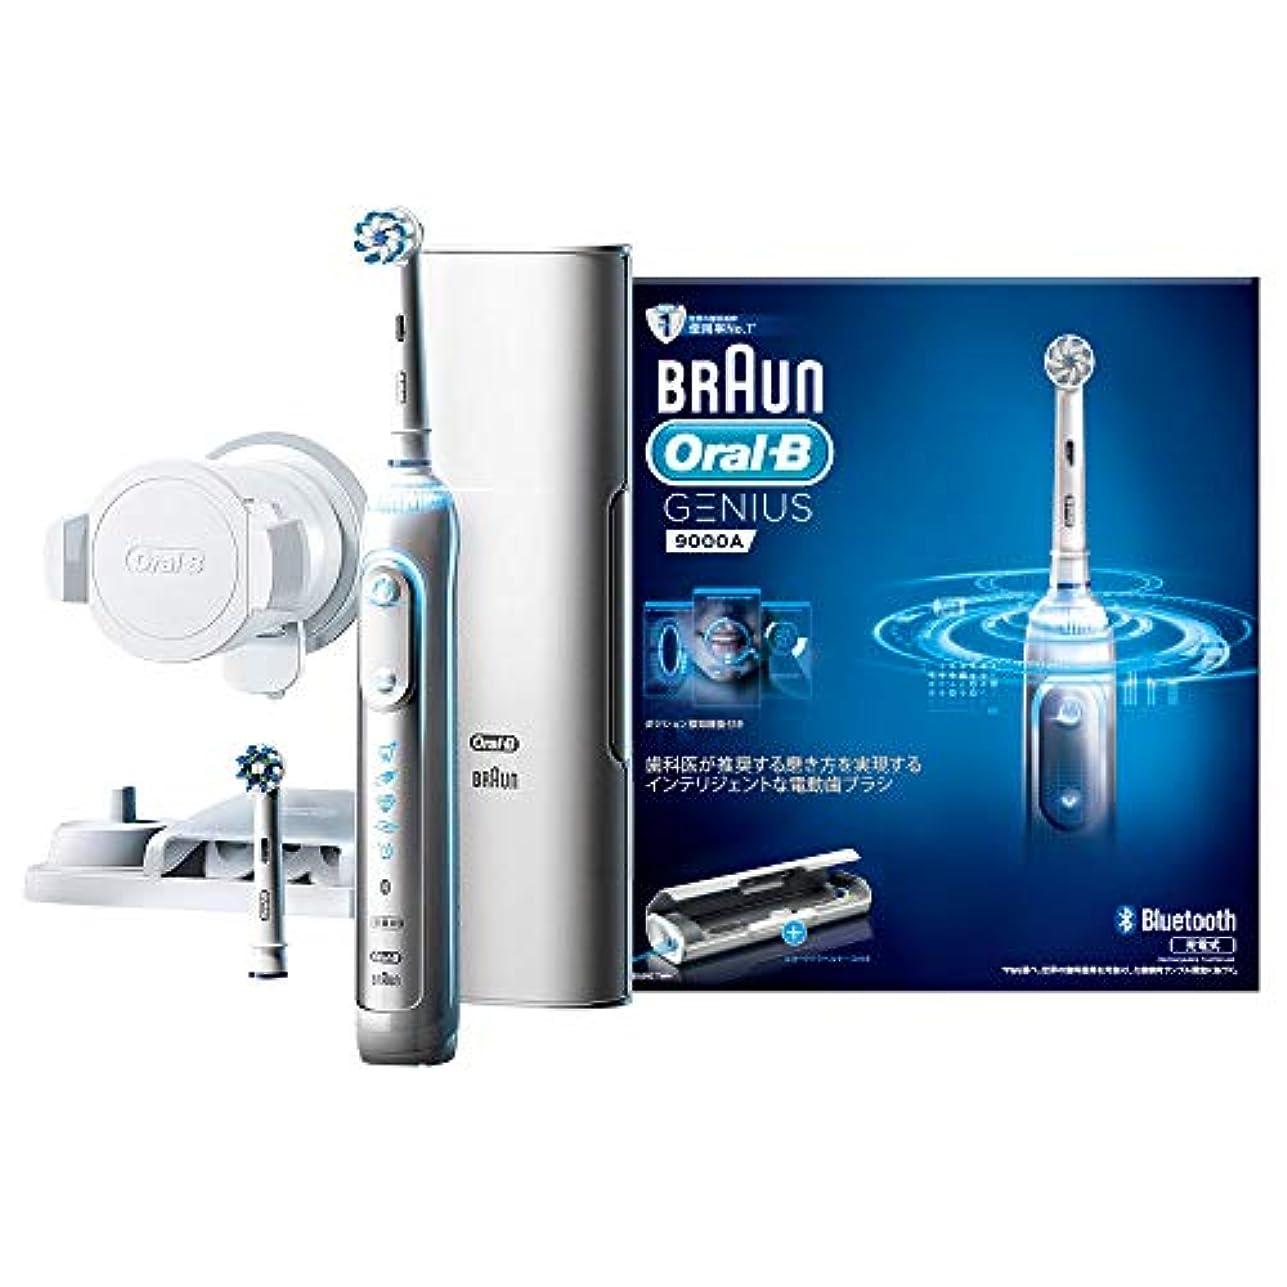 水分永続料理ブラウン オーラルB 電動歯ブラシ ジーニアス9000 ホワイト D7015256XCTWH